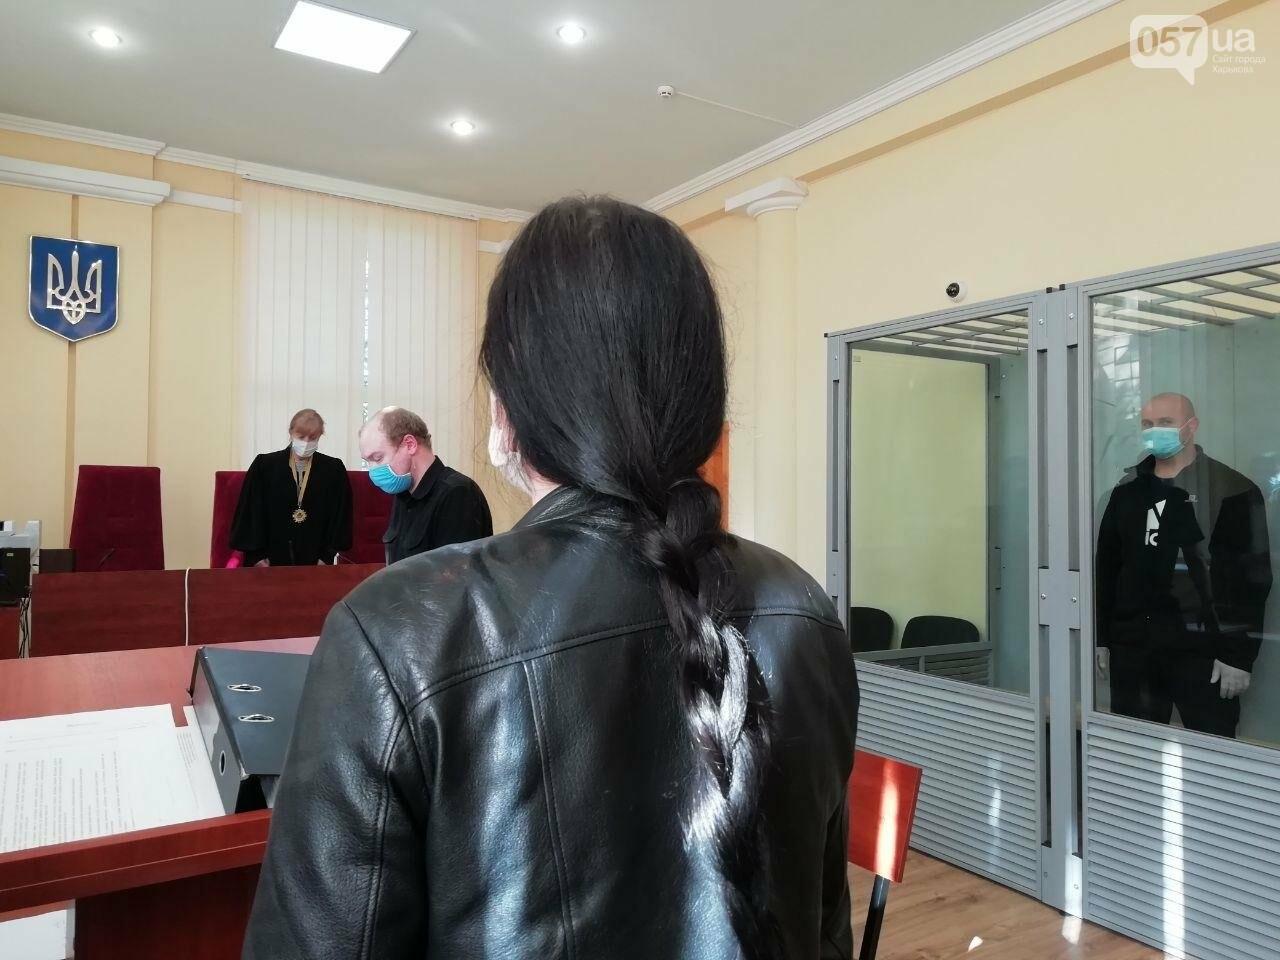 Жестокое избиение и изнасилование подростка в Харькове: суд арестовал подозреваемых, - ОНЛАЙН-ТРАНСЛЯЦИЯ, фото-2